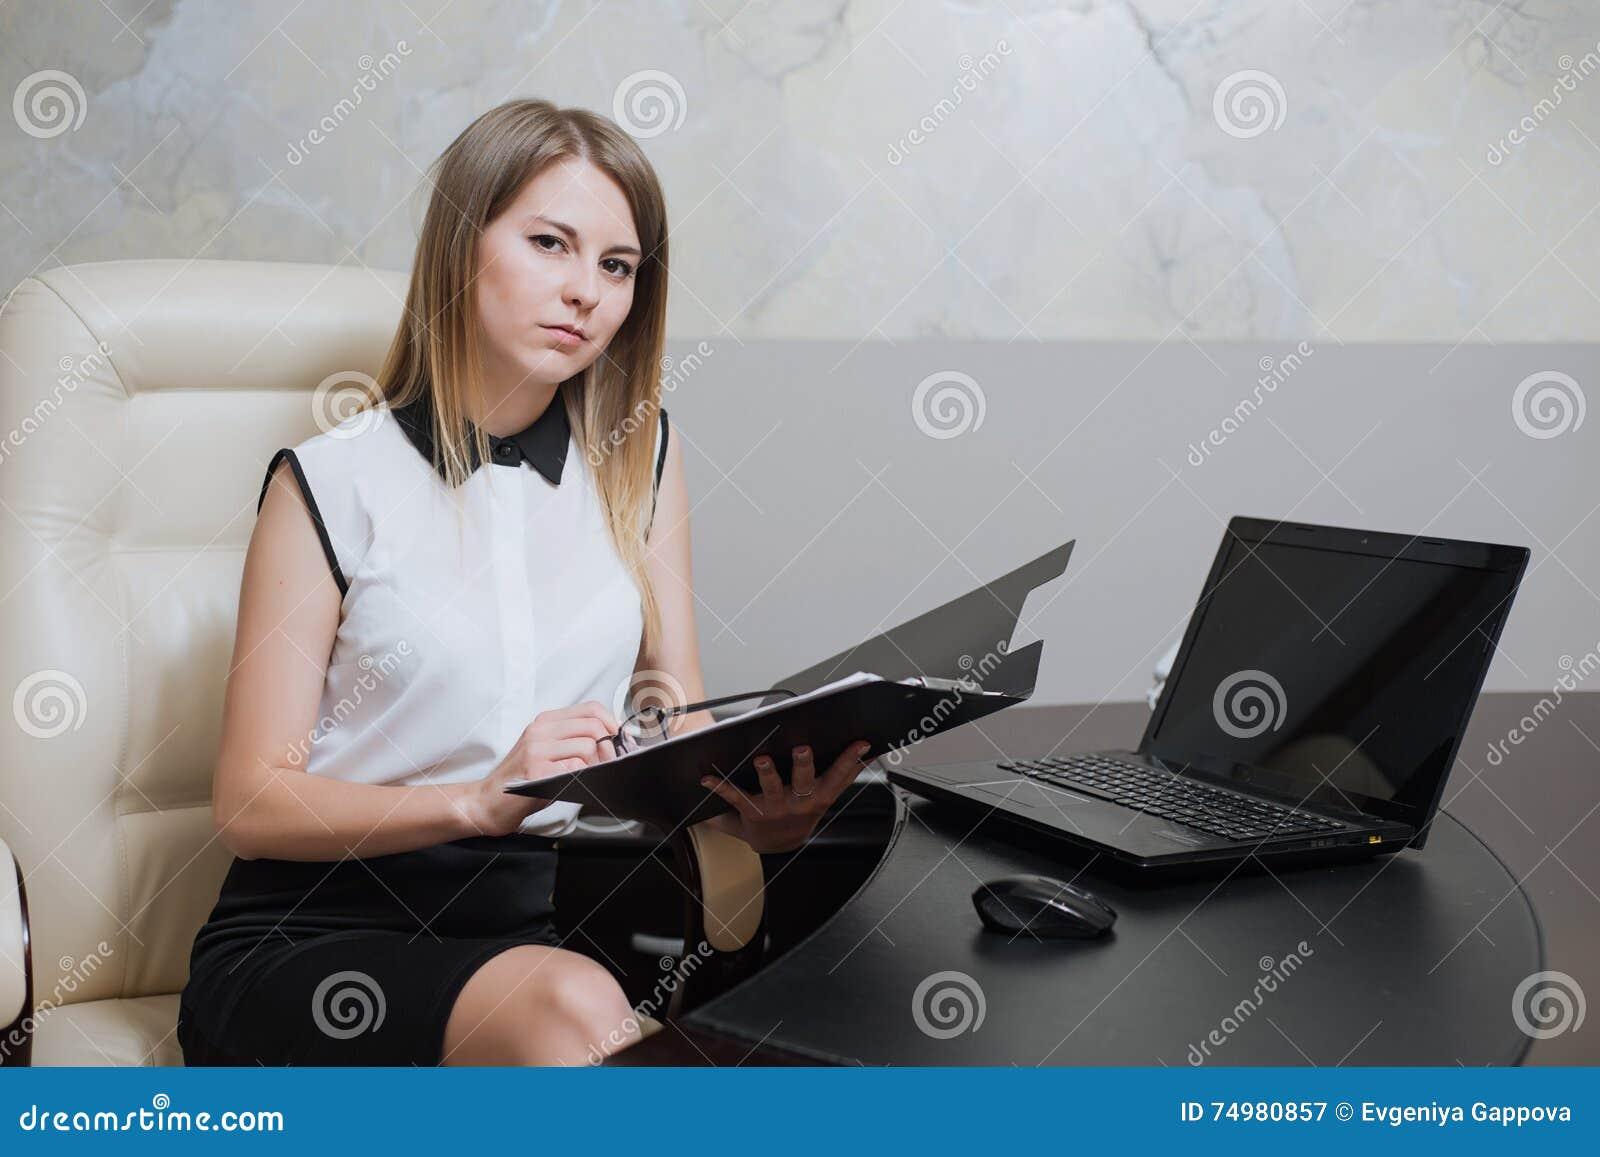 Фото сексуальных бизнес дам, фото секс старых супругов